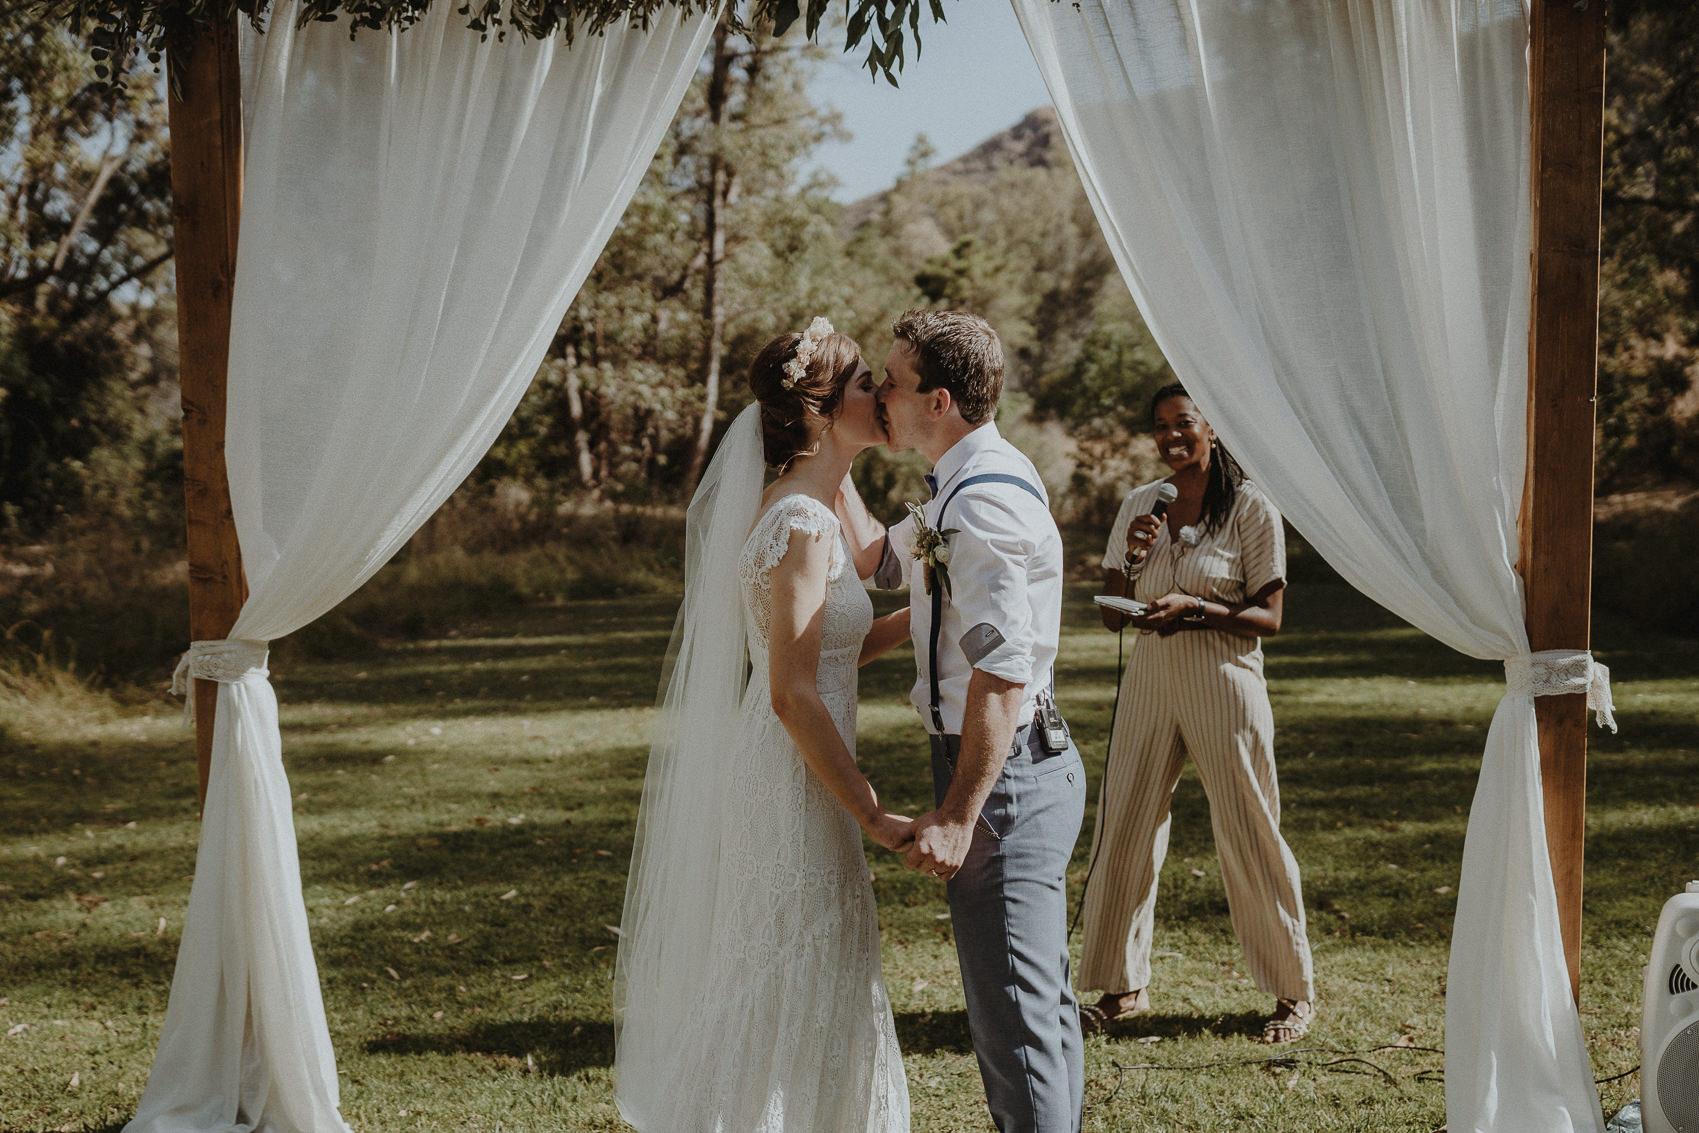 Sarah & Bill | Summer wedding at Cortijo Rosa Blanca | Marbella - Spain 83